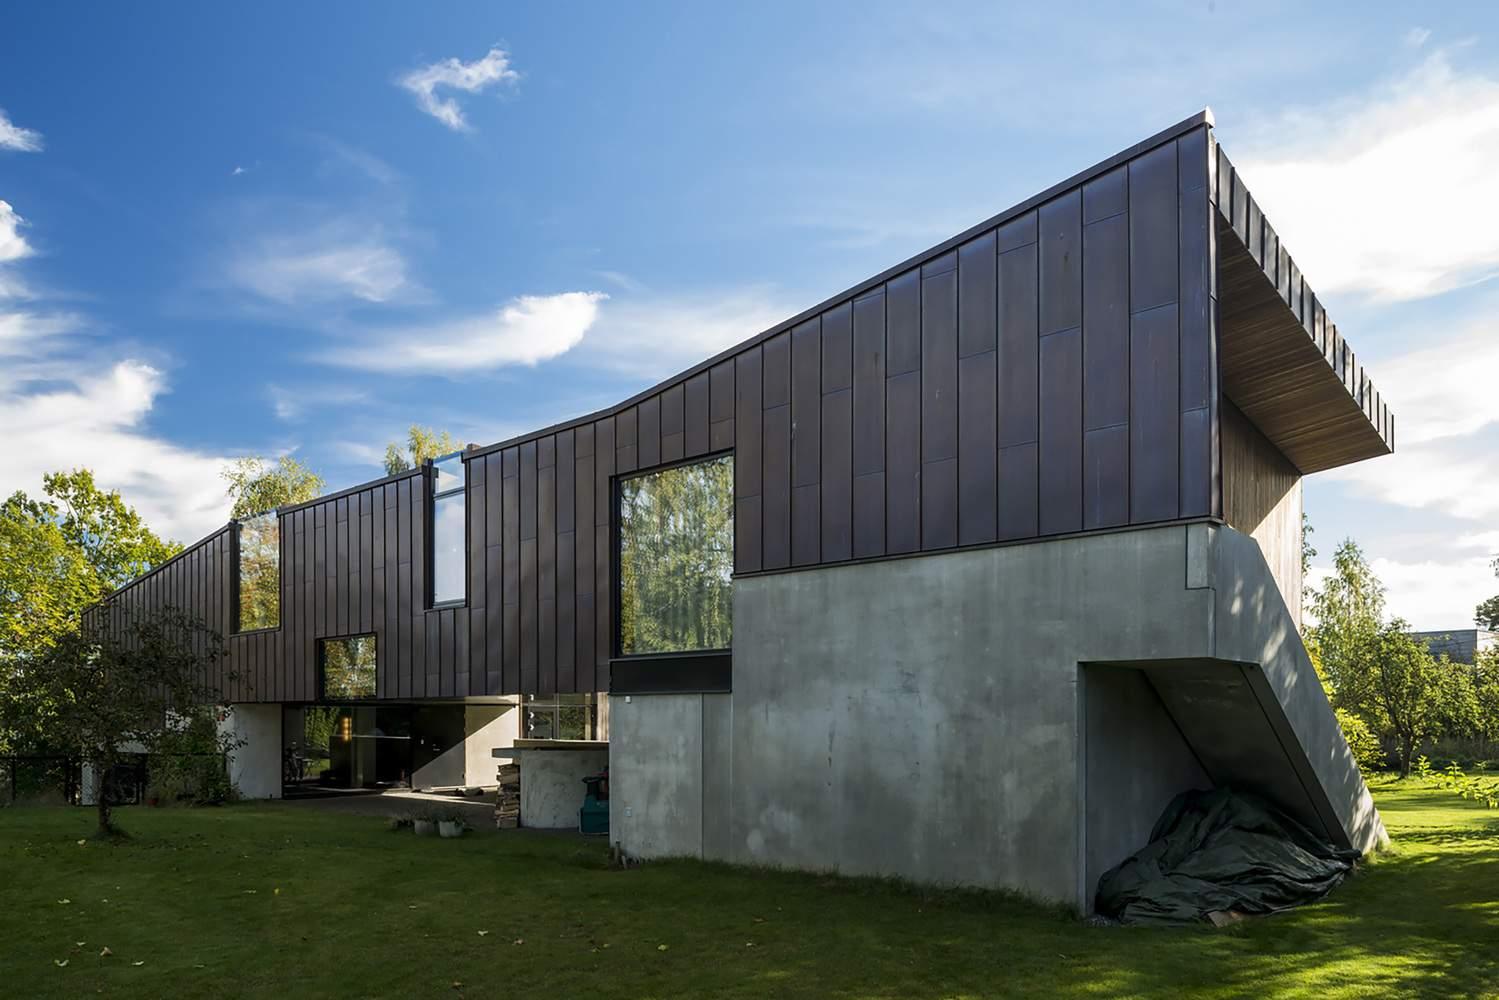 Семейный дом с оригинальным дизайном от Lie Oyen arkitekter, Норвегия